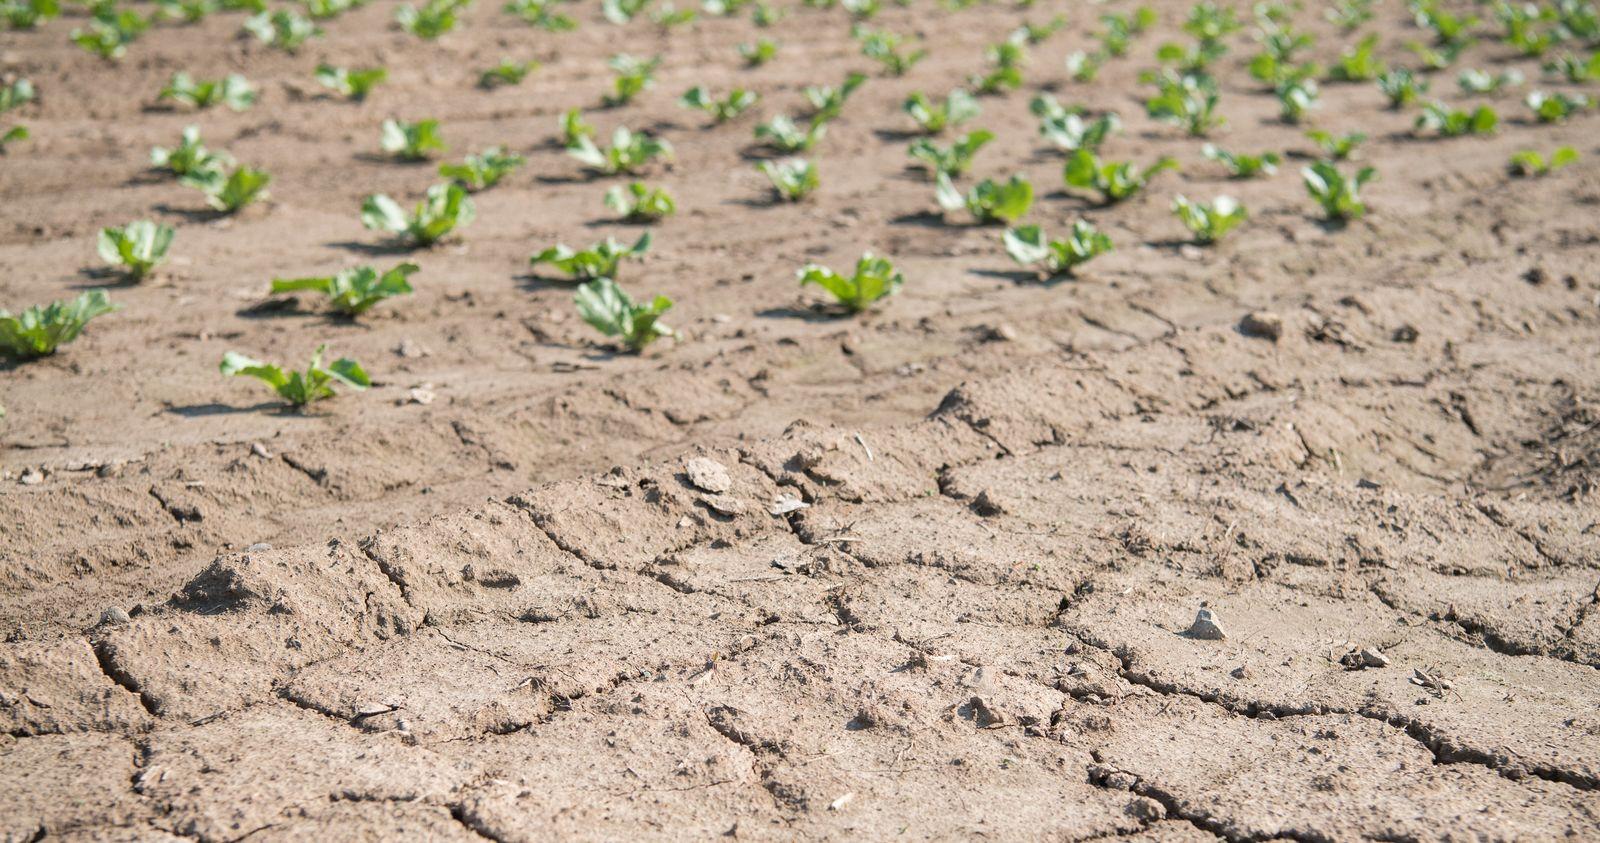 Salat - Risse im Boden durch Dürre